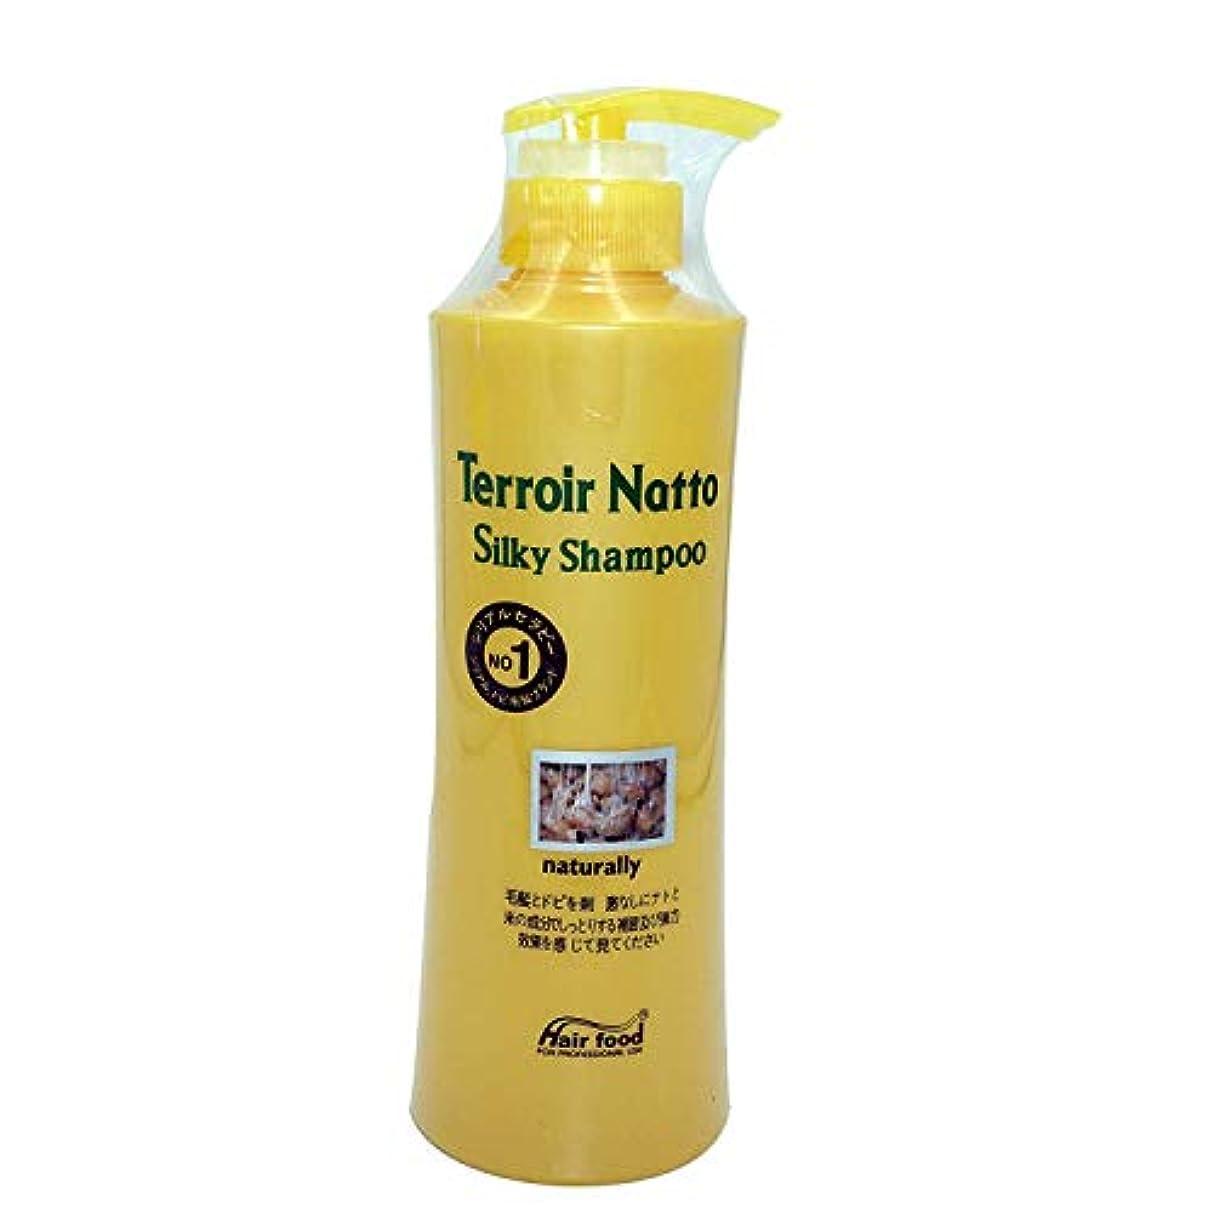 コールド公然と予見するHair food テロワール納豆シルキーシャンプー500ml、乾燥薄毛とセンシティブな頭皮用 - ビタミンタンパクによる弾力ヘア (Terroir Natto Silky Shampoo 500ml for Dry Thin Hair and Sensitive Scalp - Elastic Hair by Vitamin Protein)[並行輸入品]